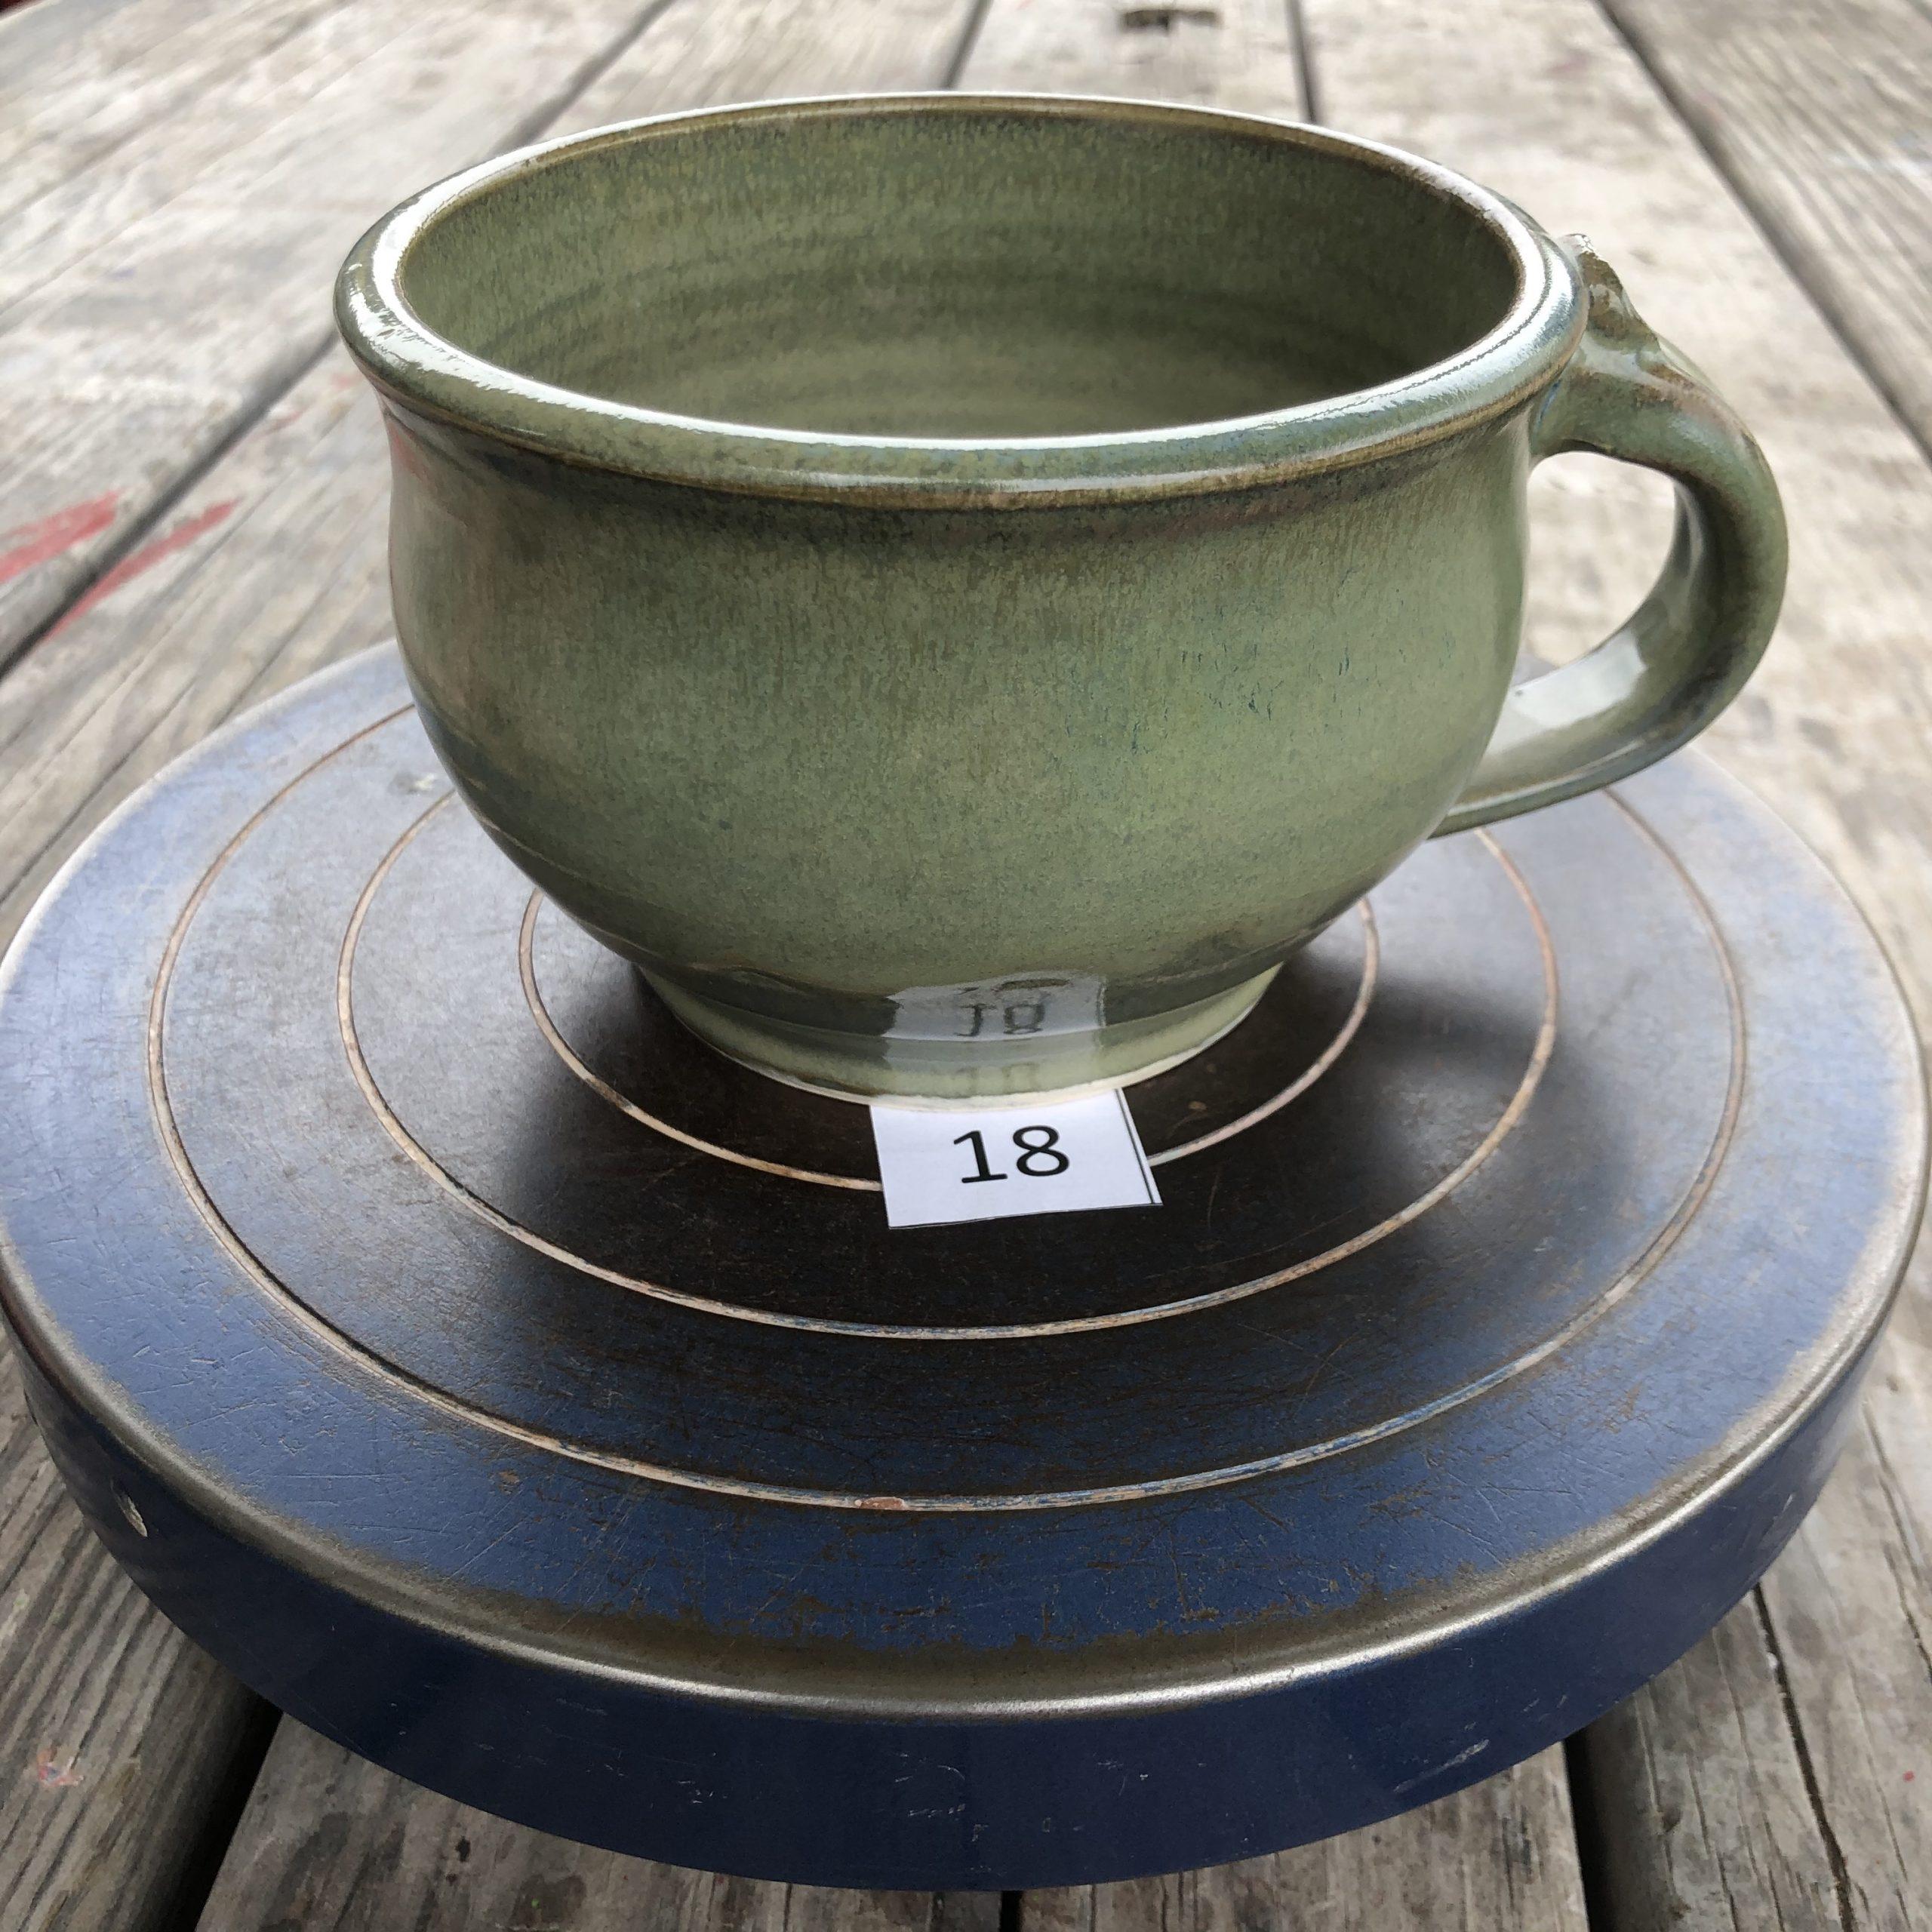 Betsy Curtiss Grey/Green Mug #18